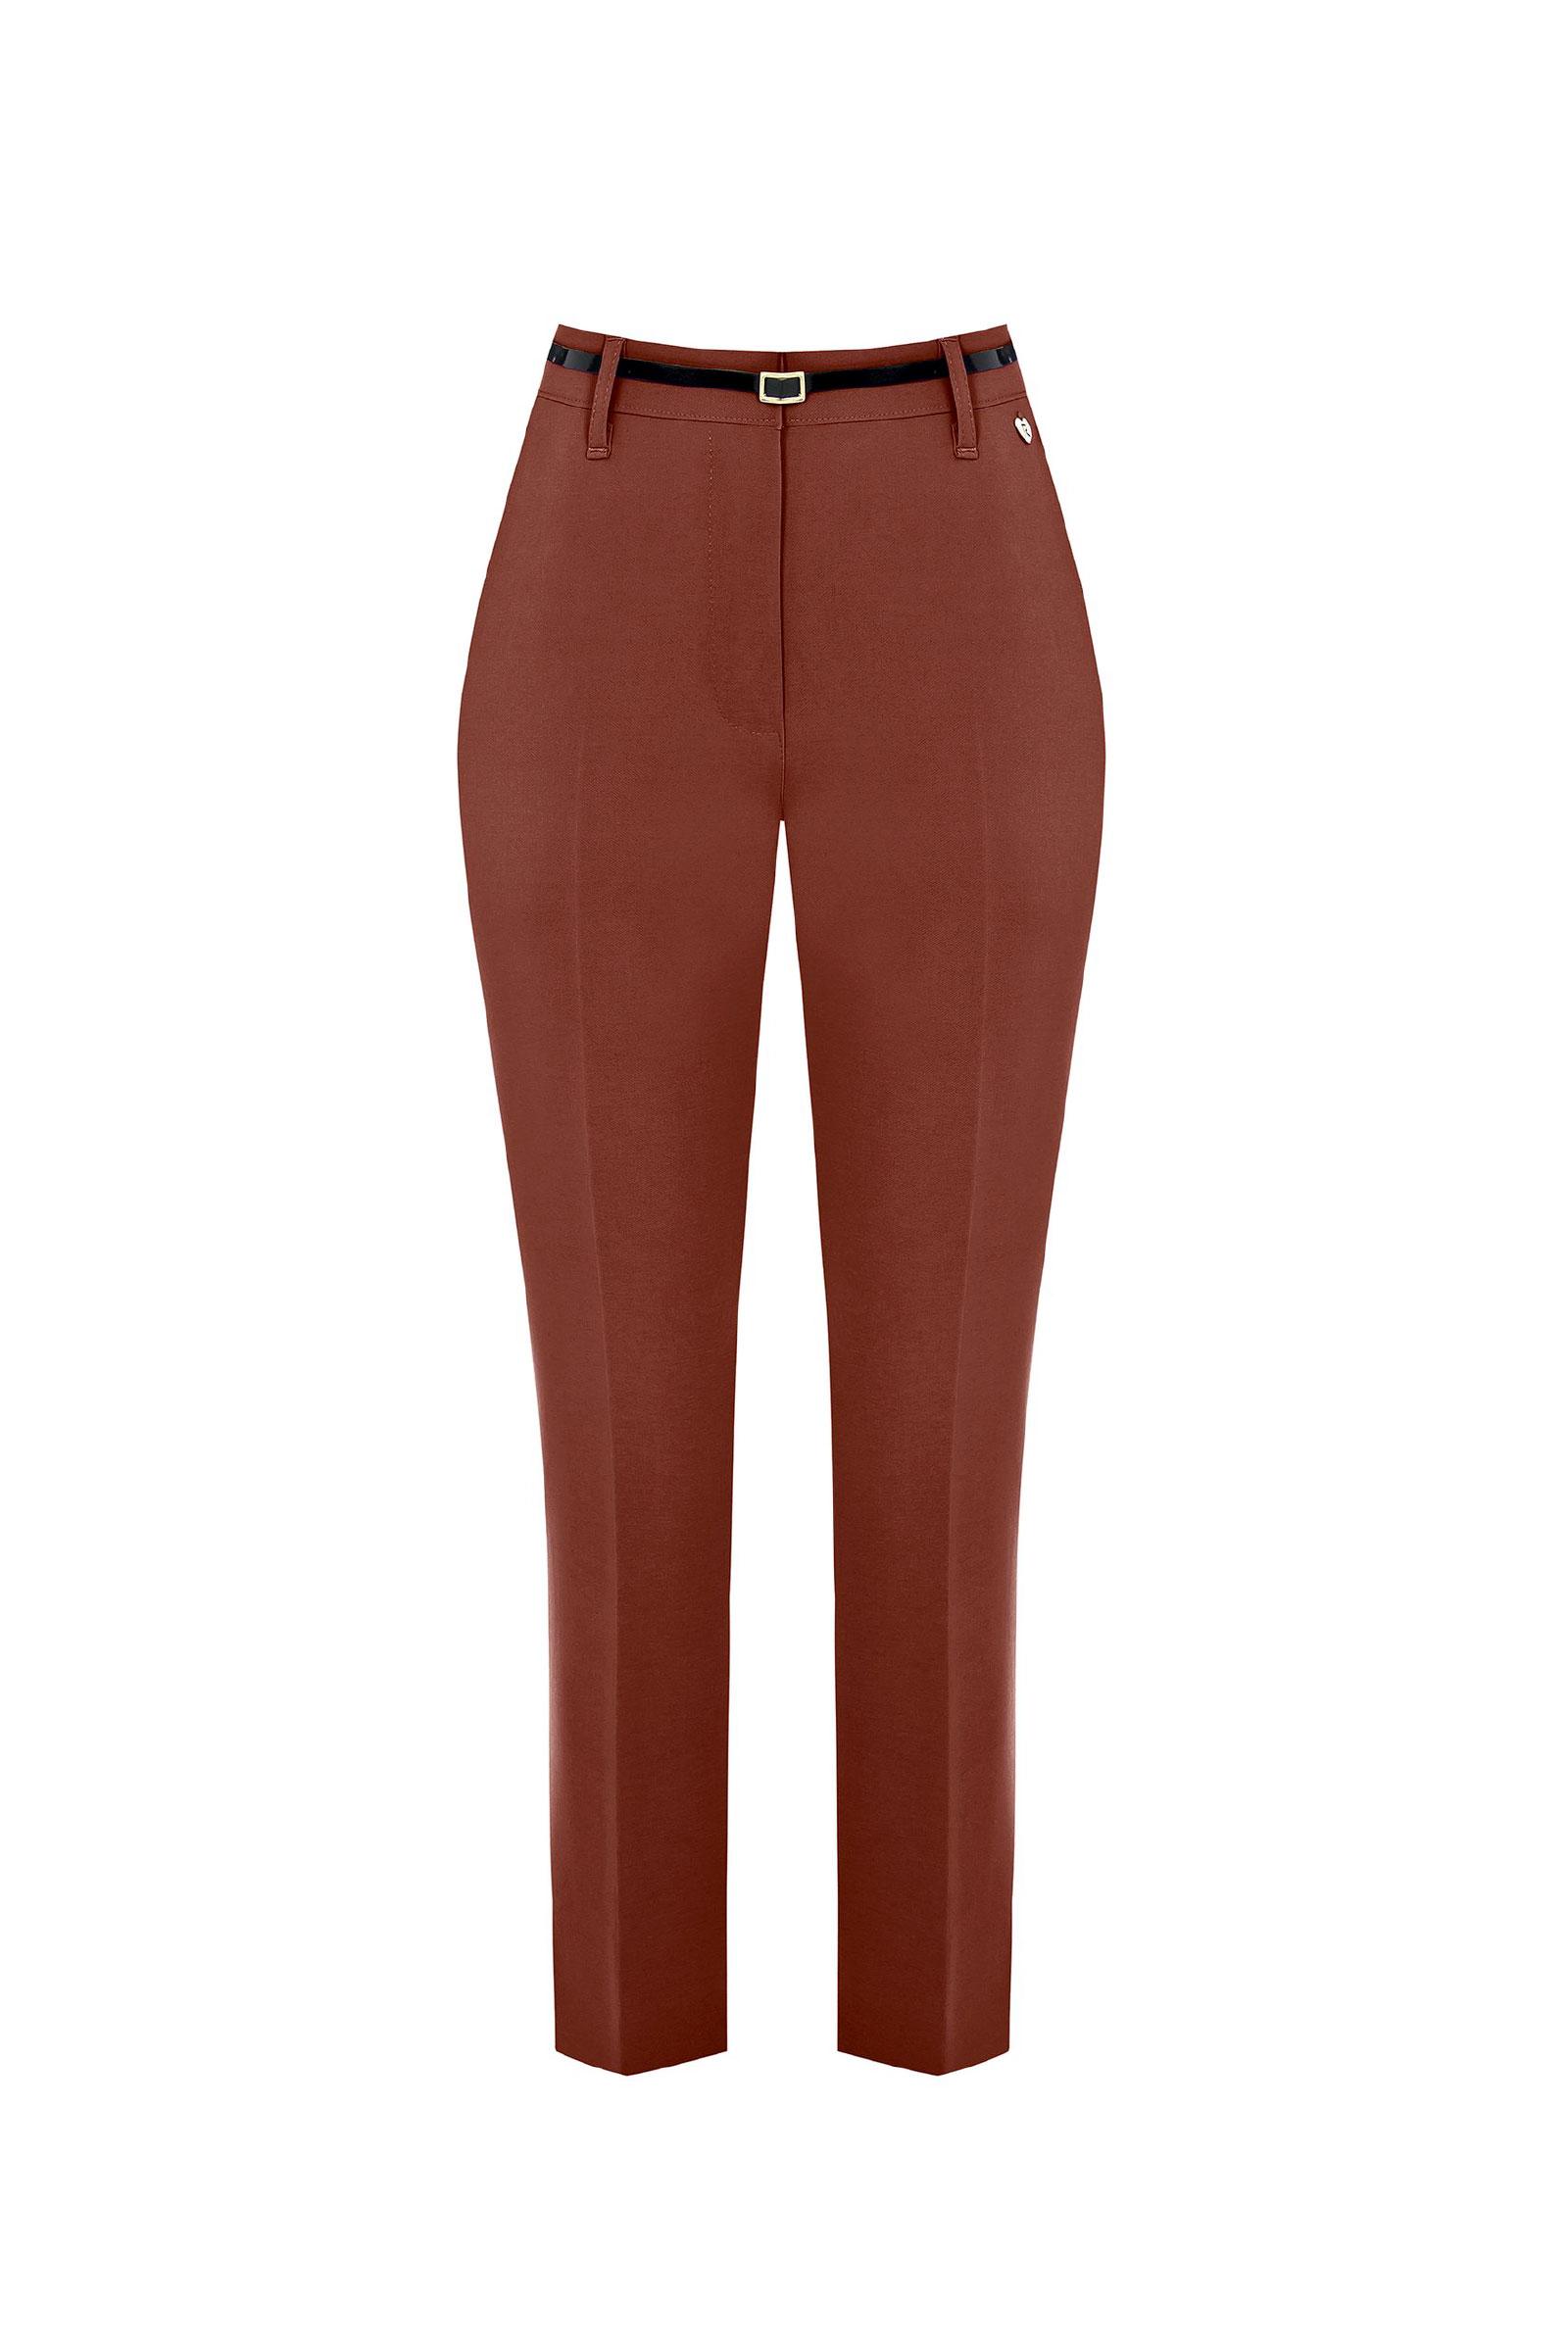 Pantalone Donna RINASCIMENTO | Pantalone | CFC0103914003B121